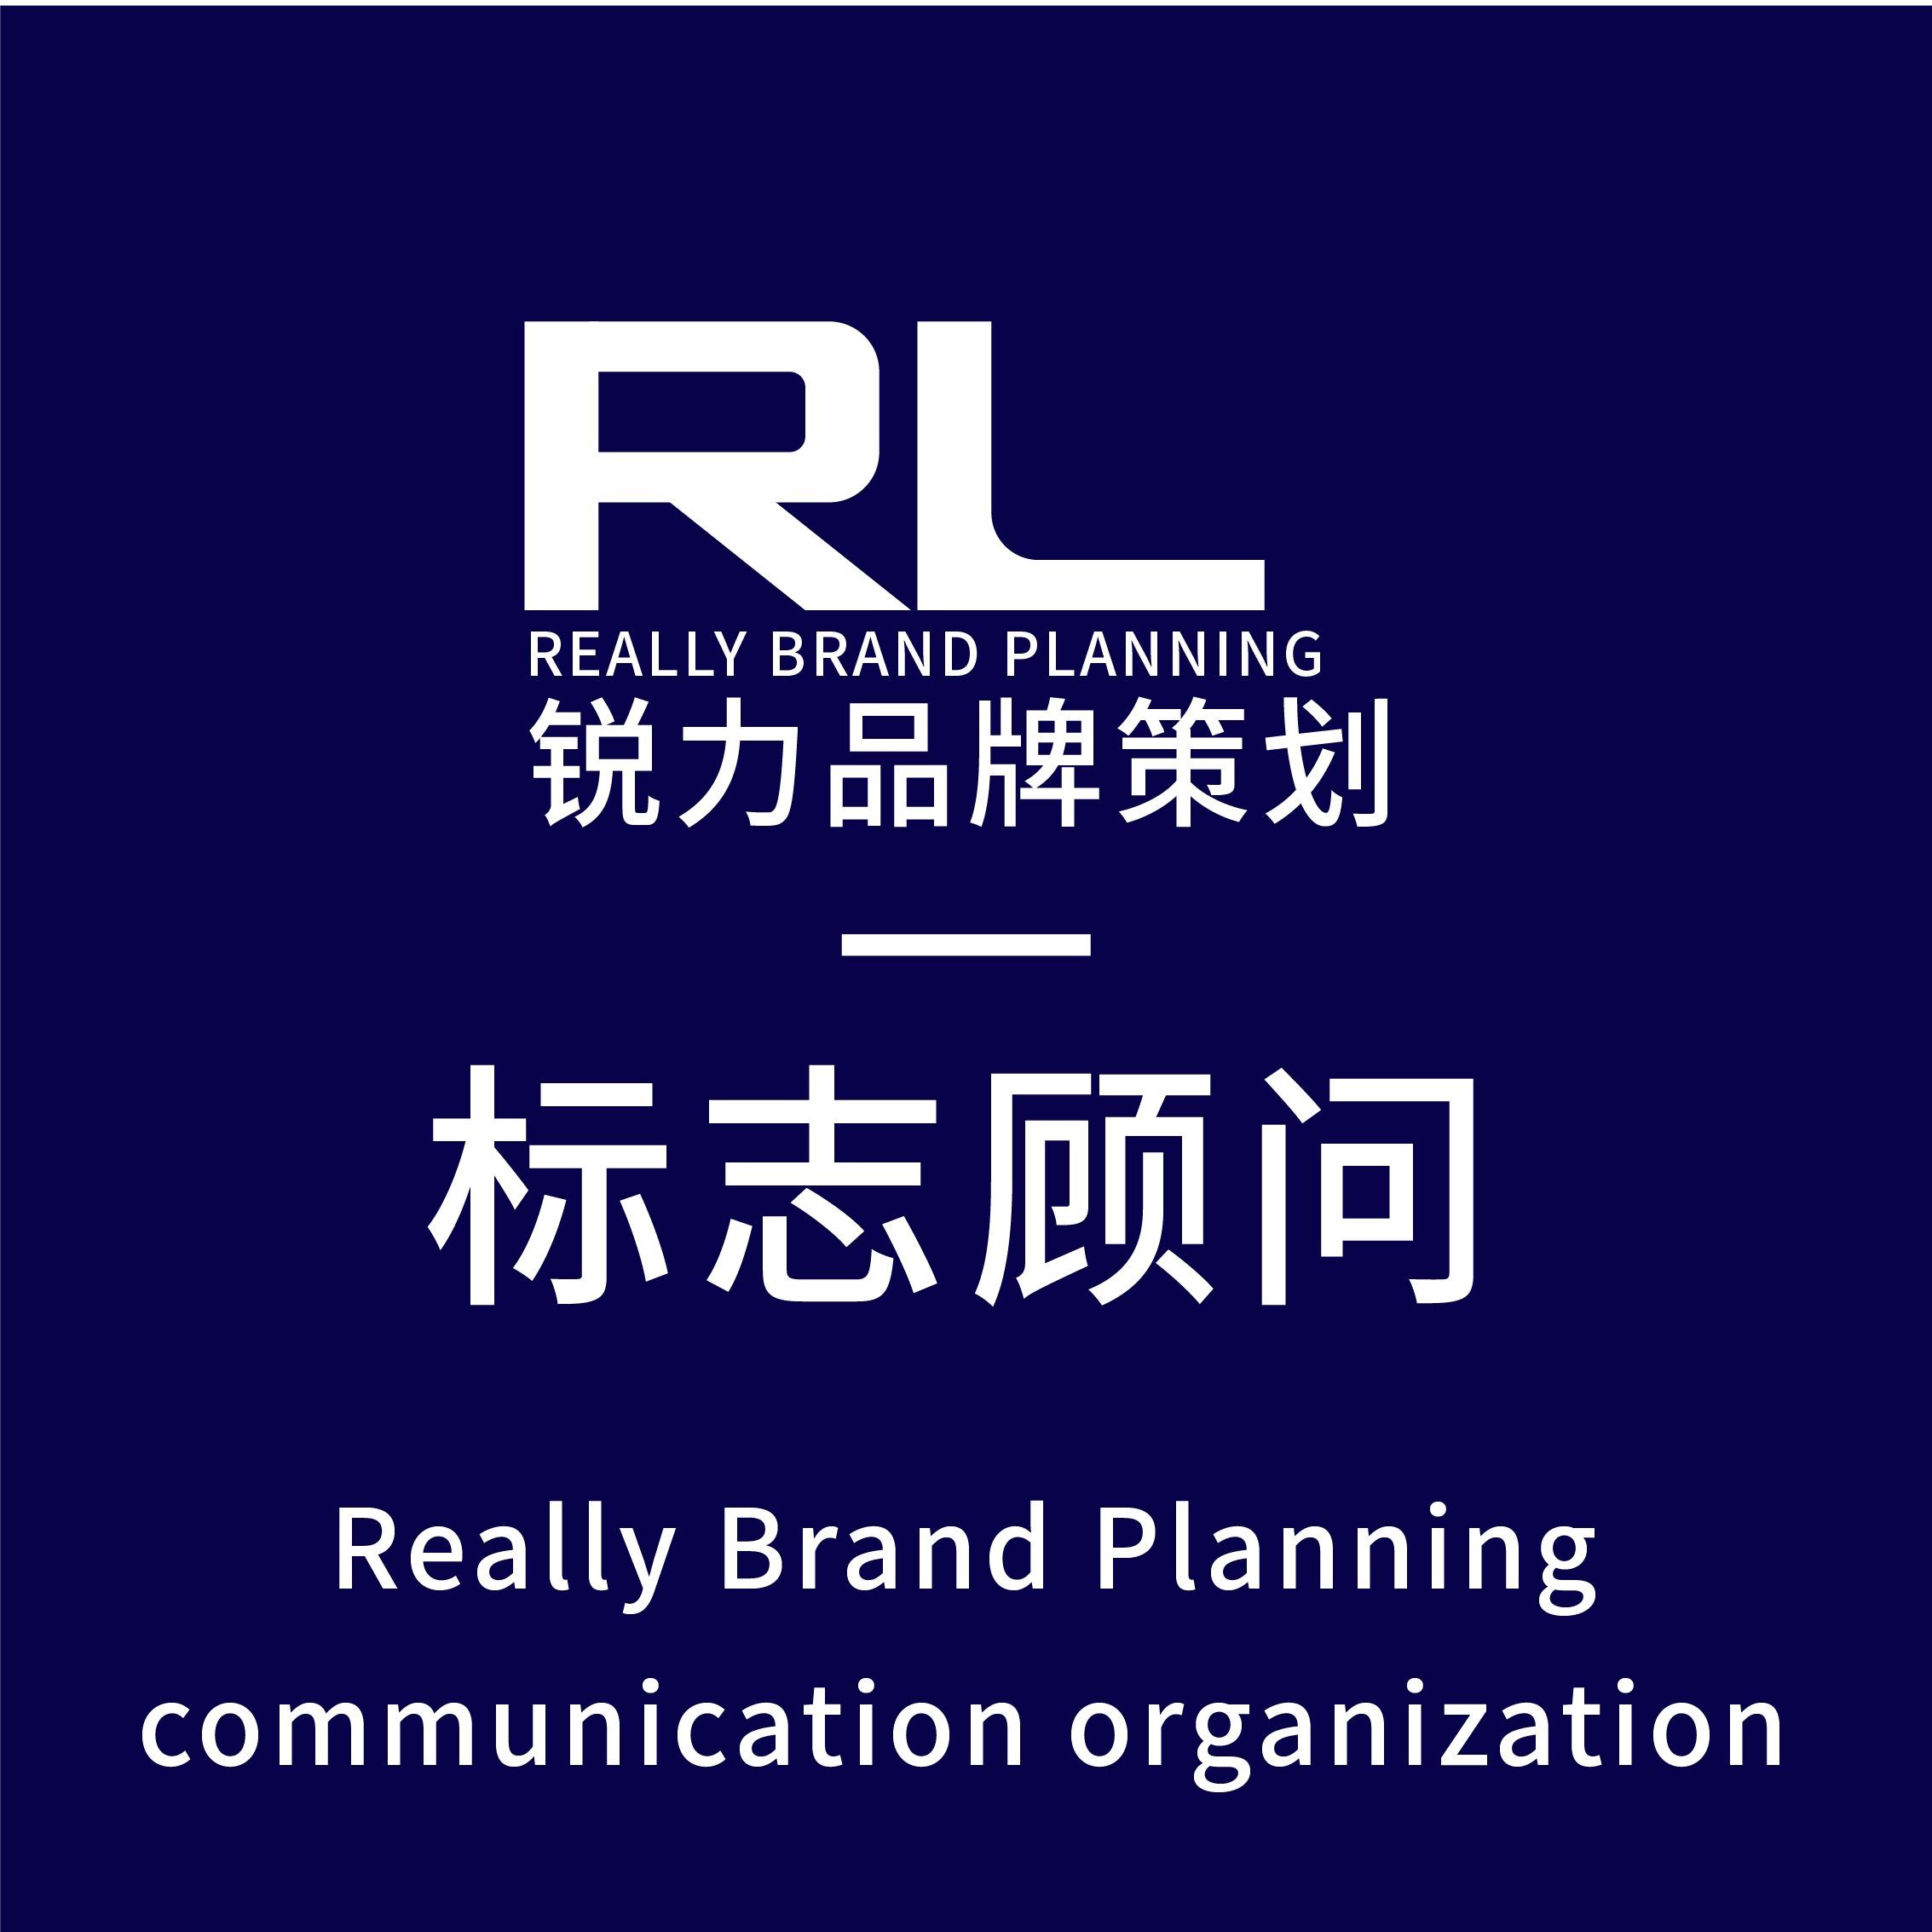 图片logo卡通家政房产租车精美logo设计APP商标注册